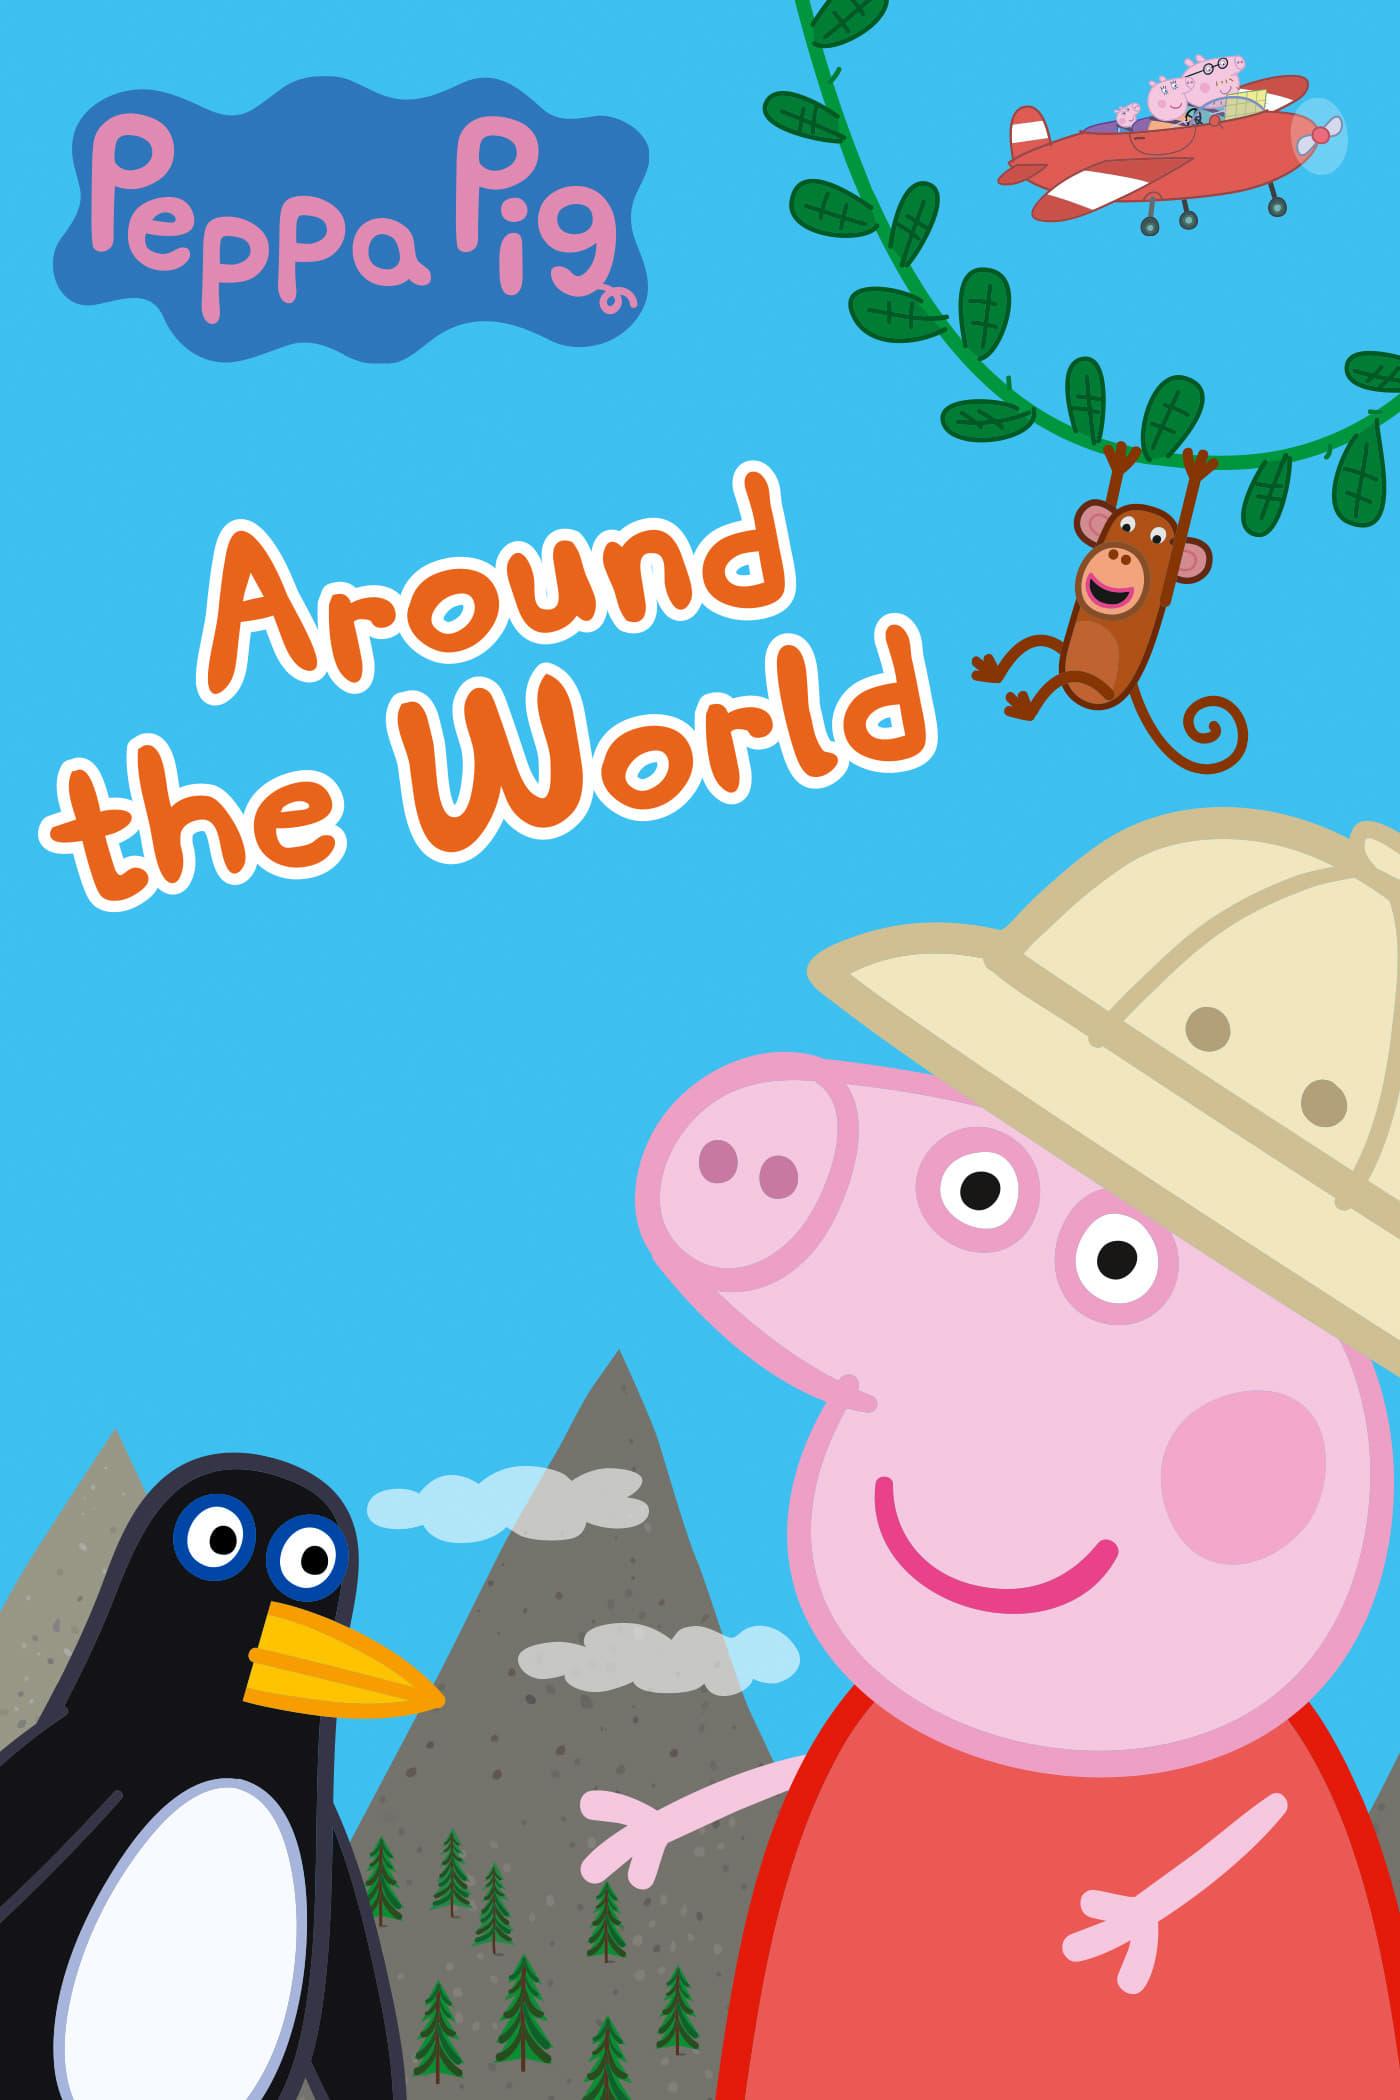 Peppa Pig: Around the World